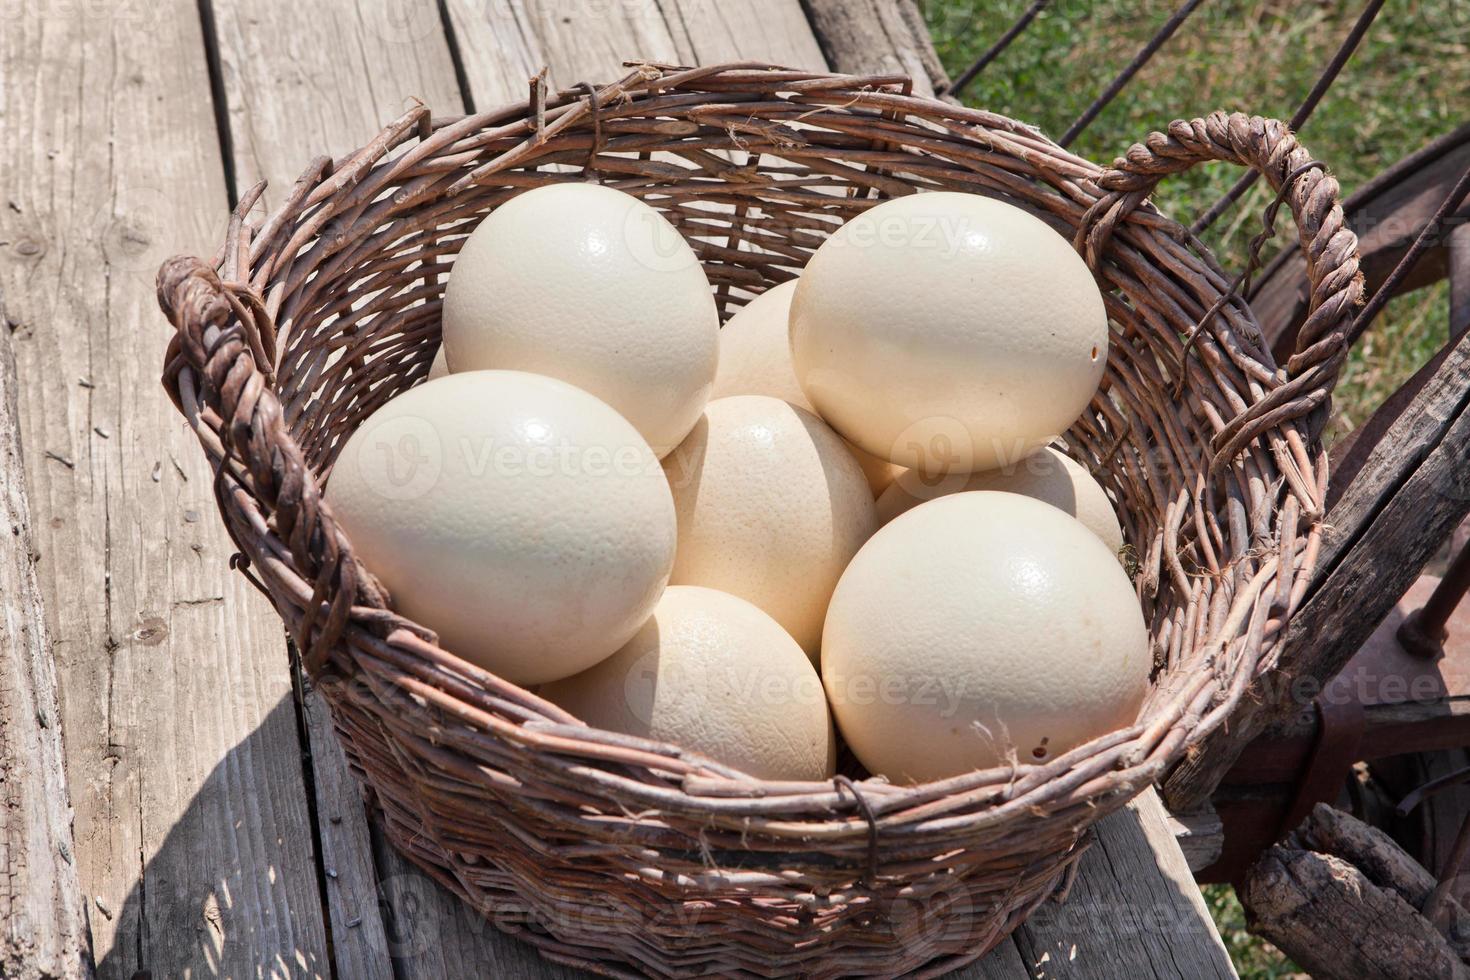 struisvogel eieren foto